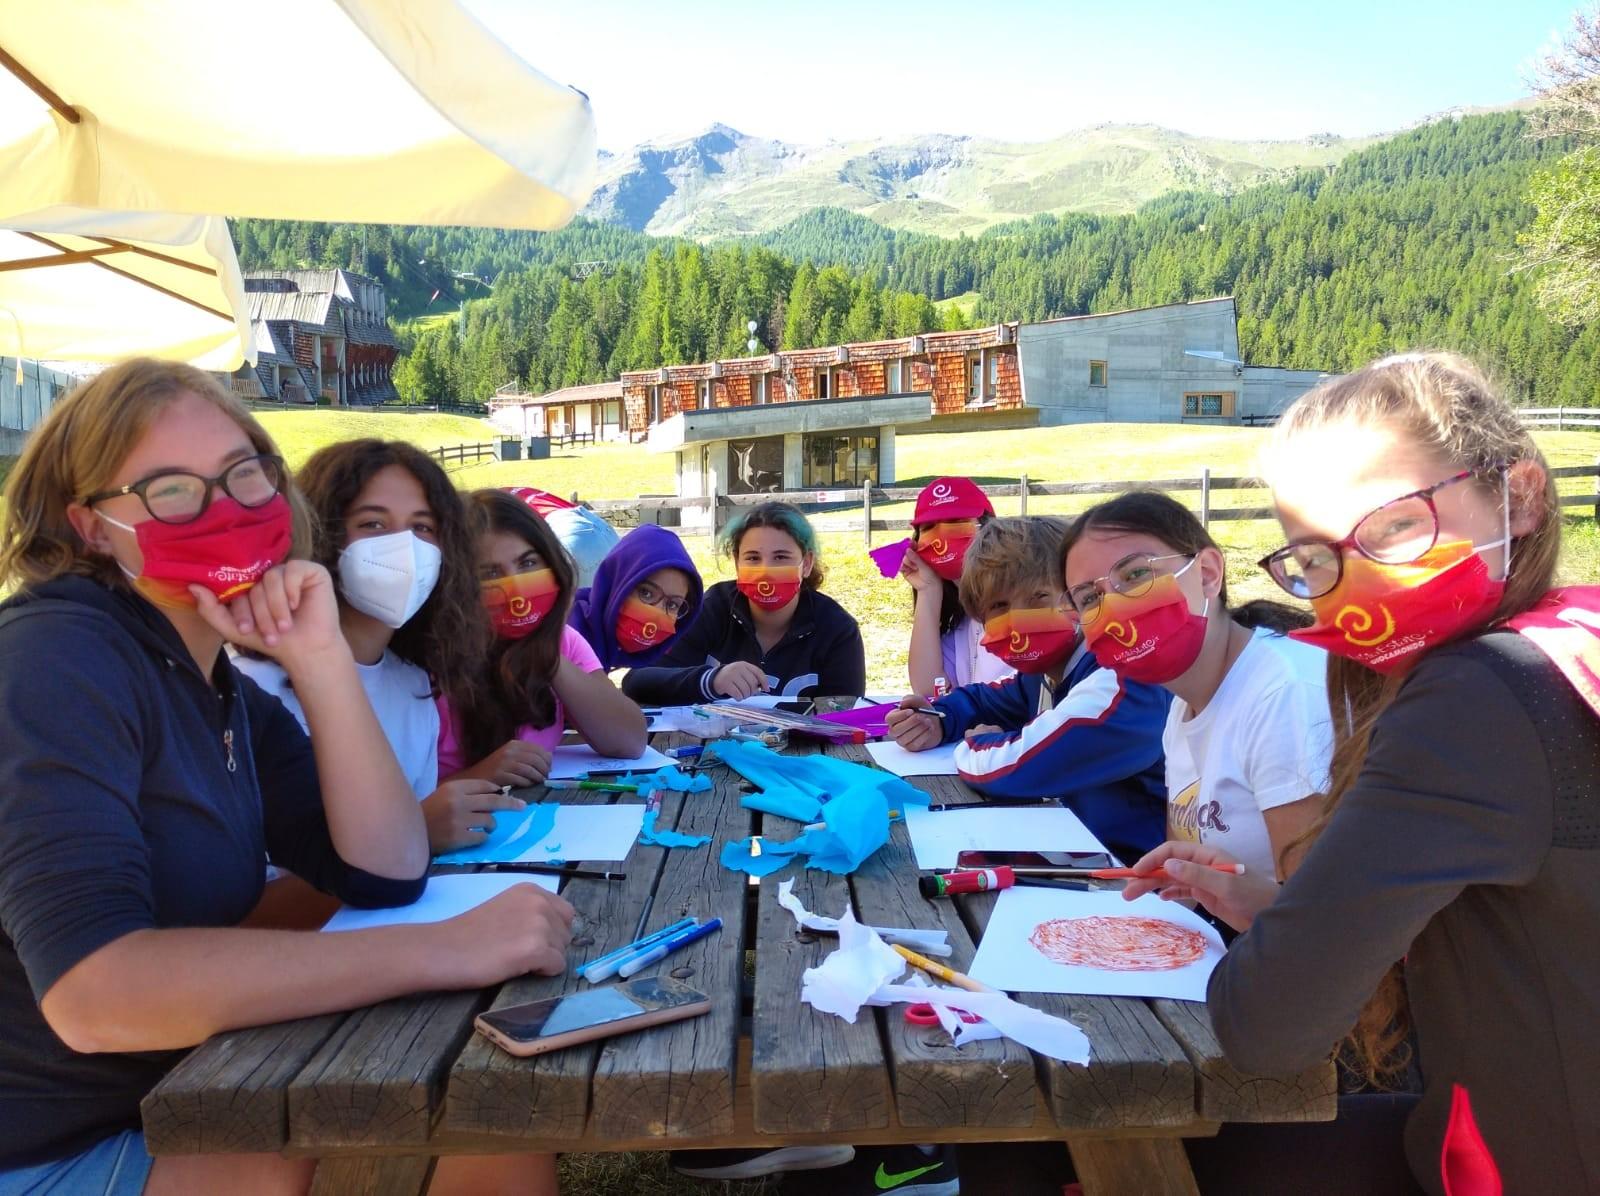 Hotel TH Pila 3*** // La Valle d'Aosta ed il Monte Bianco // Senior Archivi --TH-Pila-La-Valle-dAosta-e-il-Monte-Bianco-Turno-II-Giorno-5-5